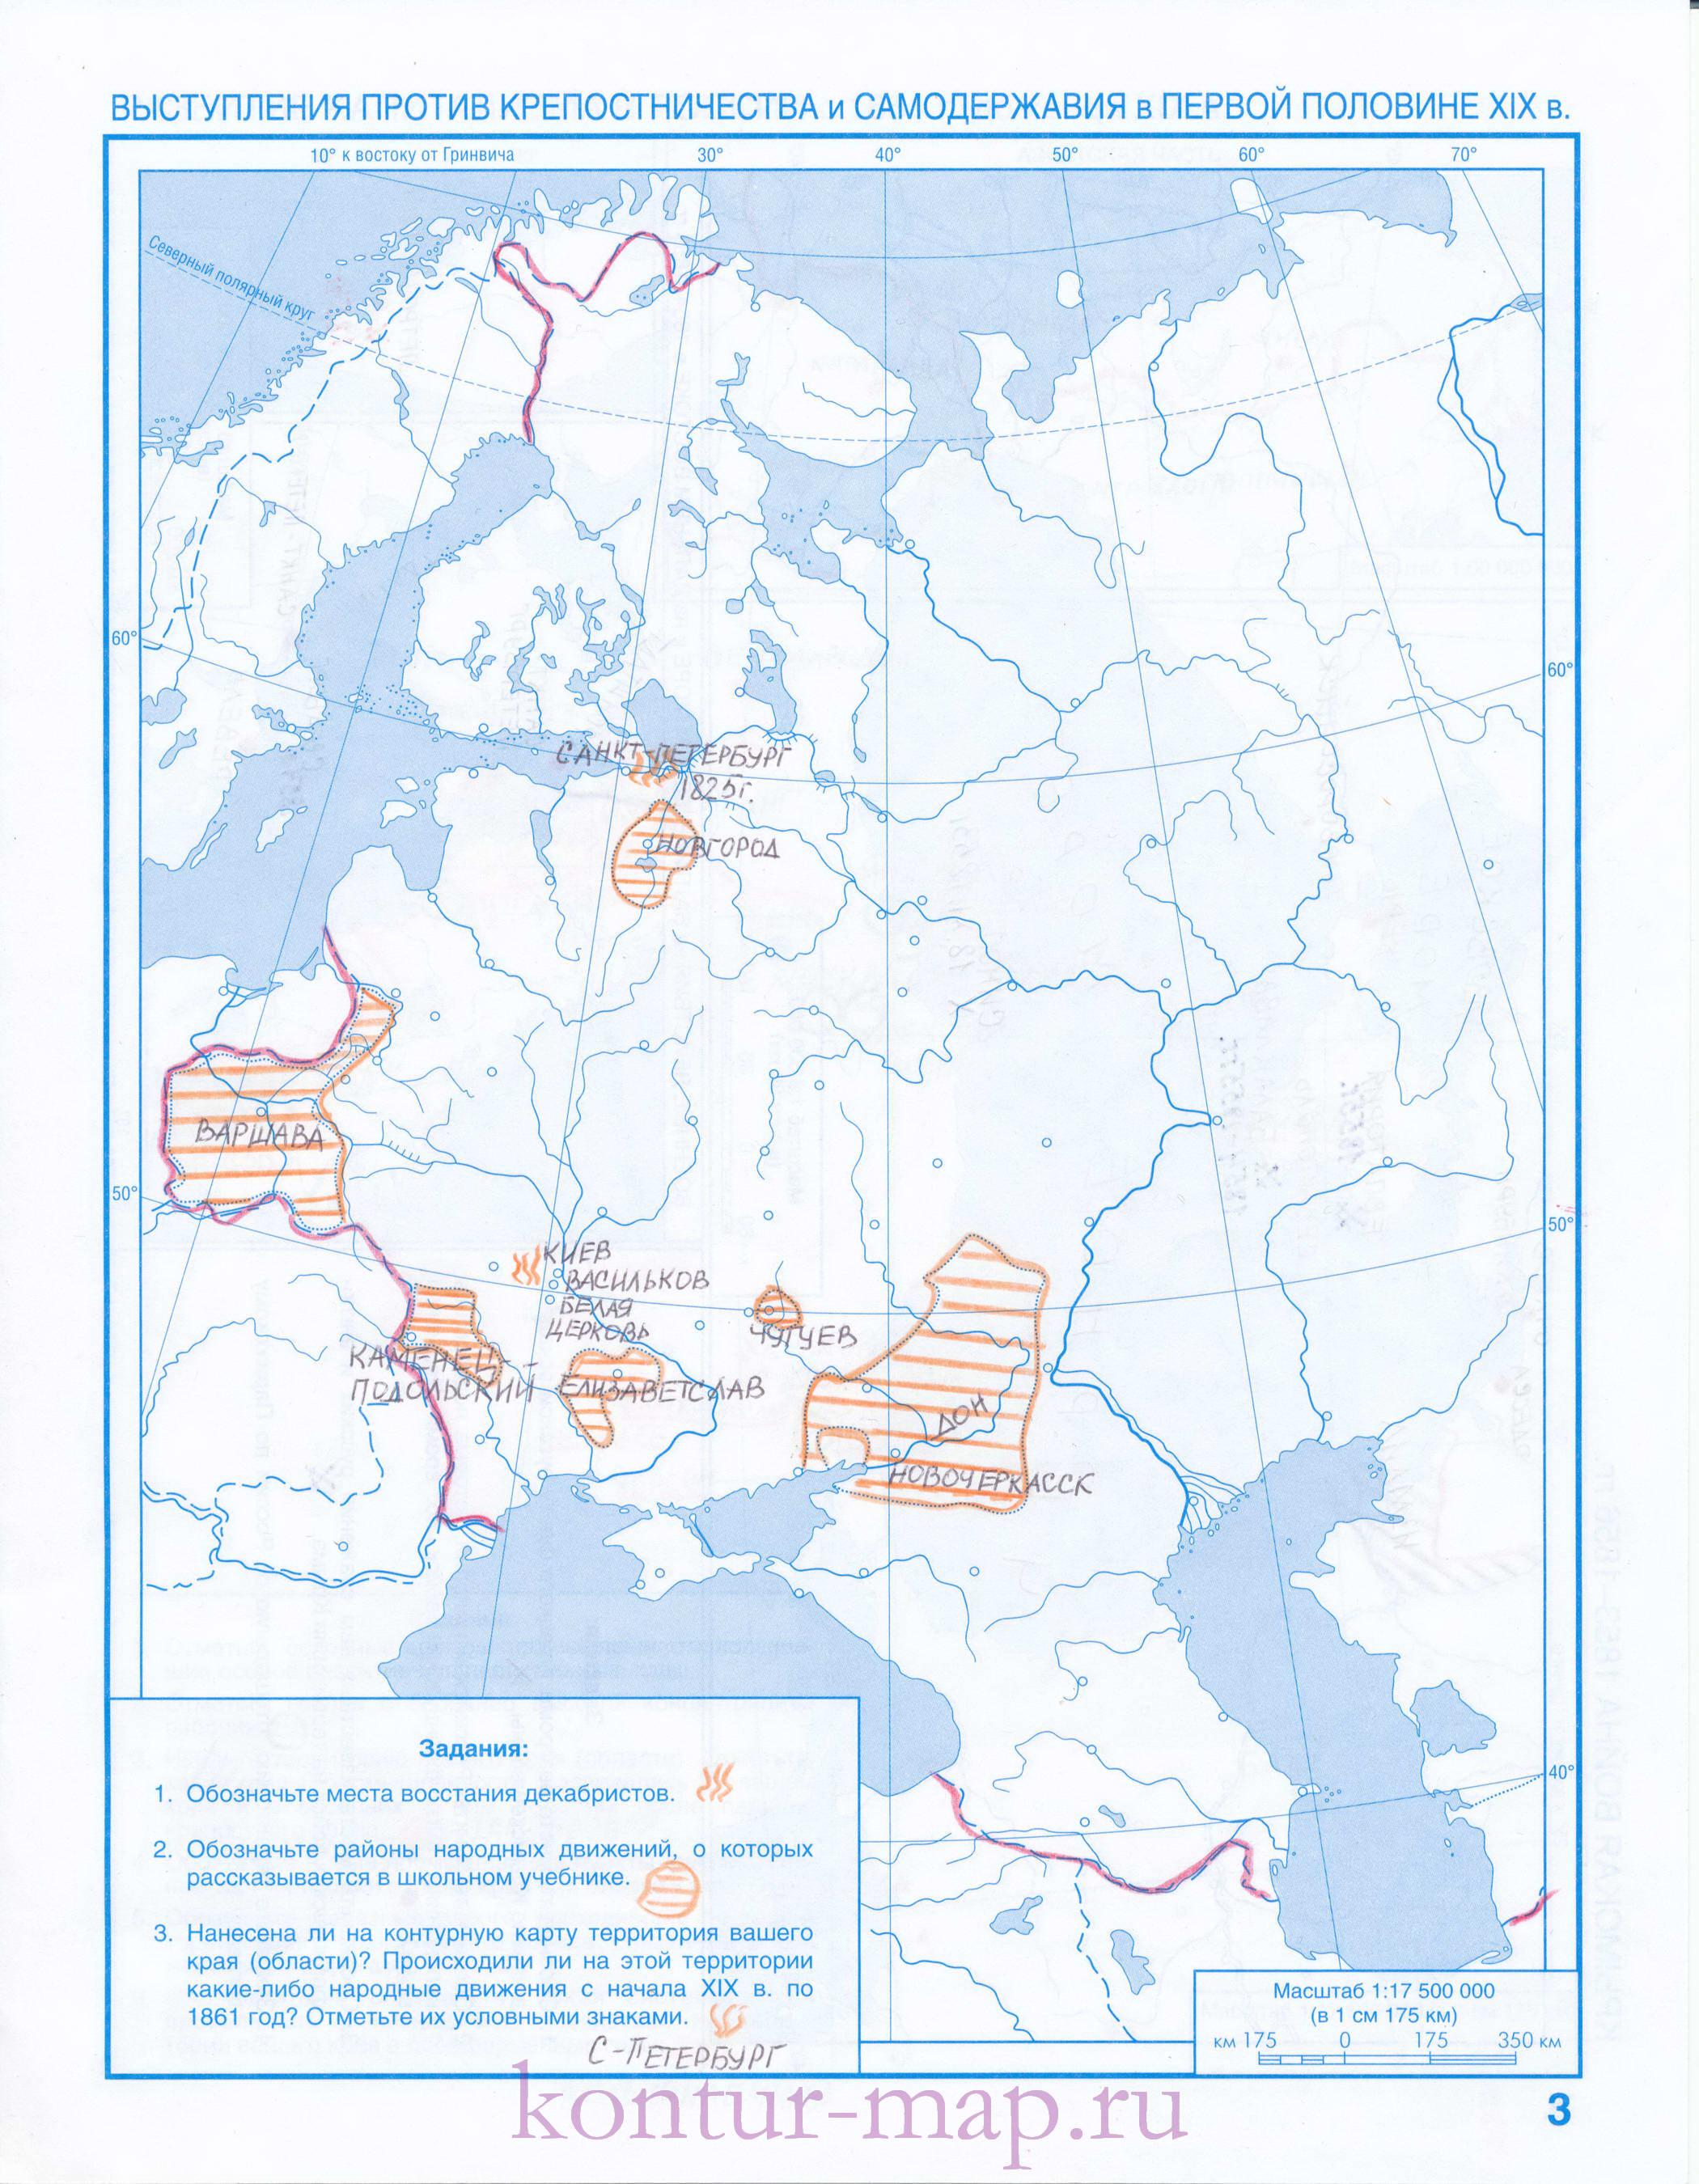 гдз контурная карта по истории 8 класс история